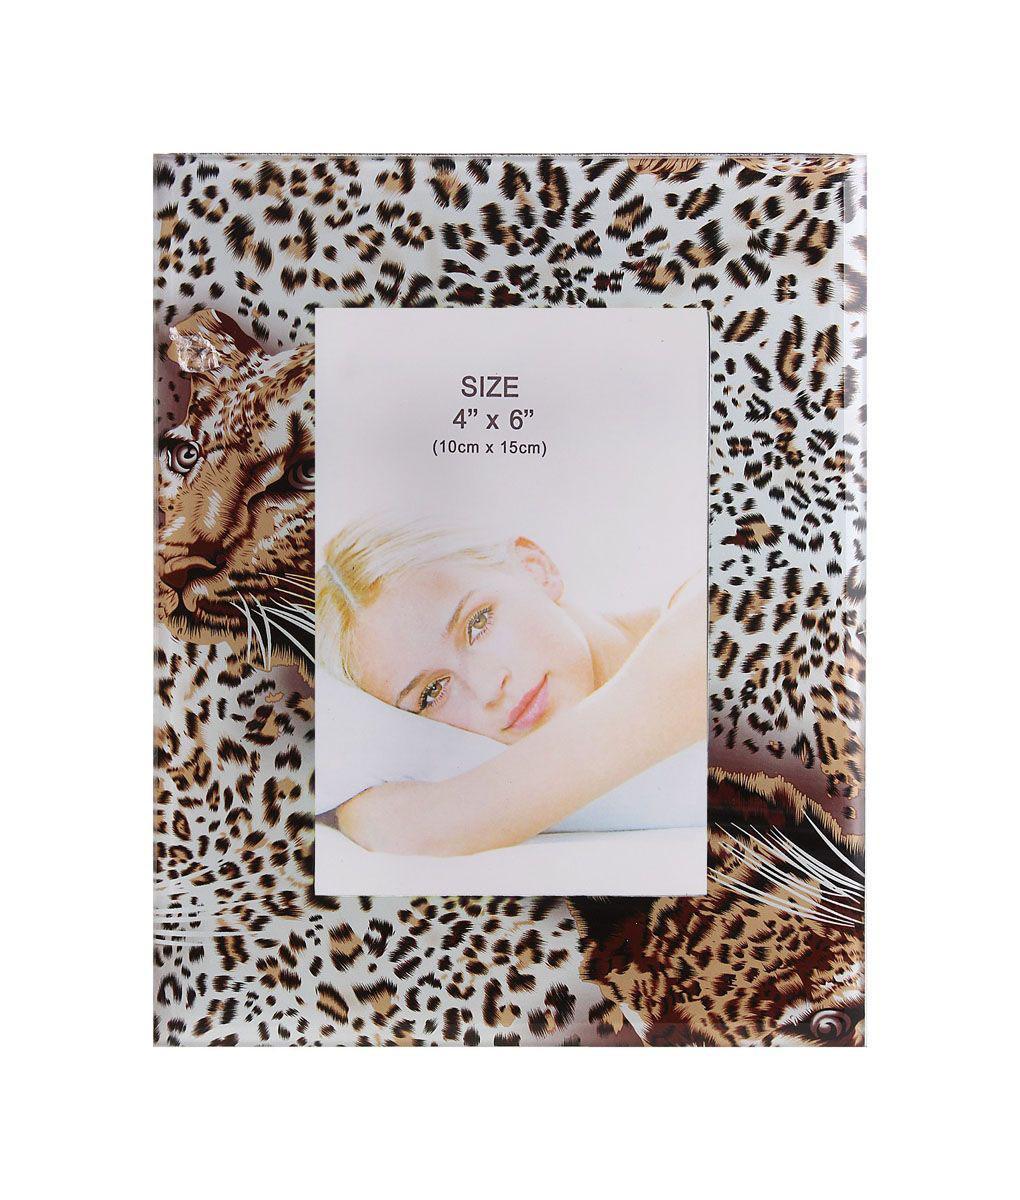 Фоторамка Sima-land Сафари, цвет: белый, коричневый, 10 х 15 см661412Декоративная фоторамка Sima-land Сафари выполнена из стекла и декорирована изображением тигра и леопардовым принтом. Обратная сторона рамки оснащена специальной ножкой, благодаря которой ее можно поставить на стол или любое другое место в доме или офисе. Такая фоторамка украсит ваш интерьер оригинальным образом, а также позволит сохранить память о дорогих вам людях и интересных событиях вашей жизни. С ней вы сможете не просто внести в интерьер своего дома элемент оригинальности, но и создать атмосферу загадочности и изысканности.